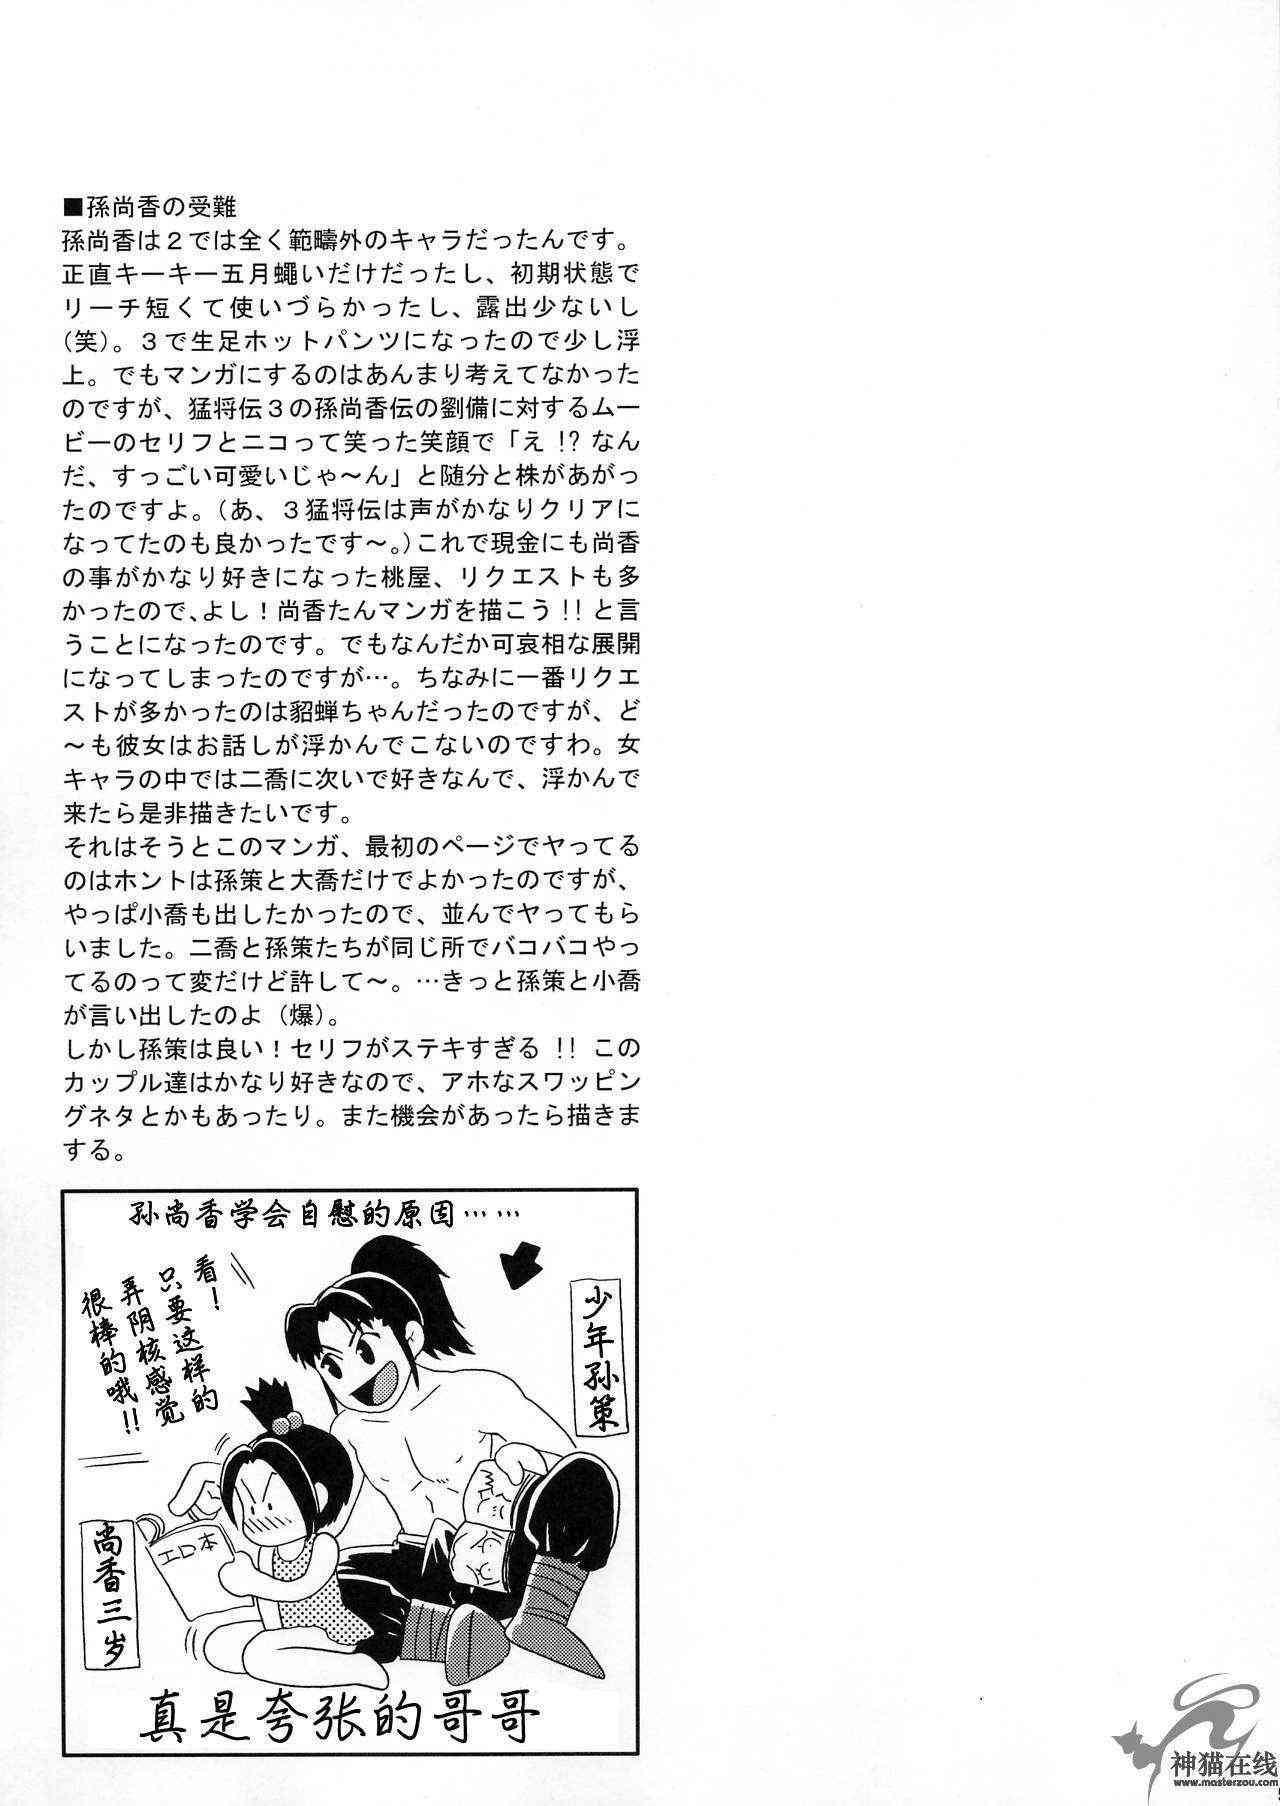 In Sangoku Musou 2 51